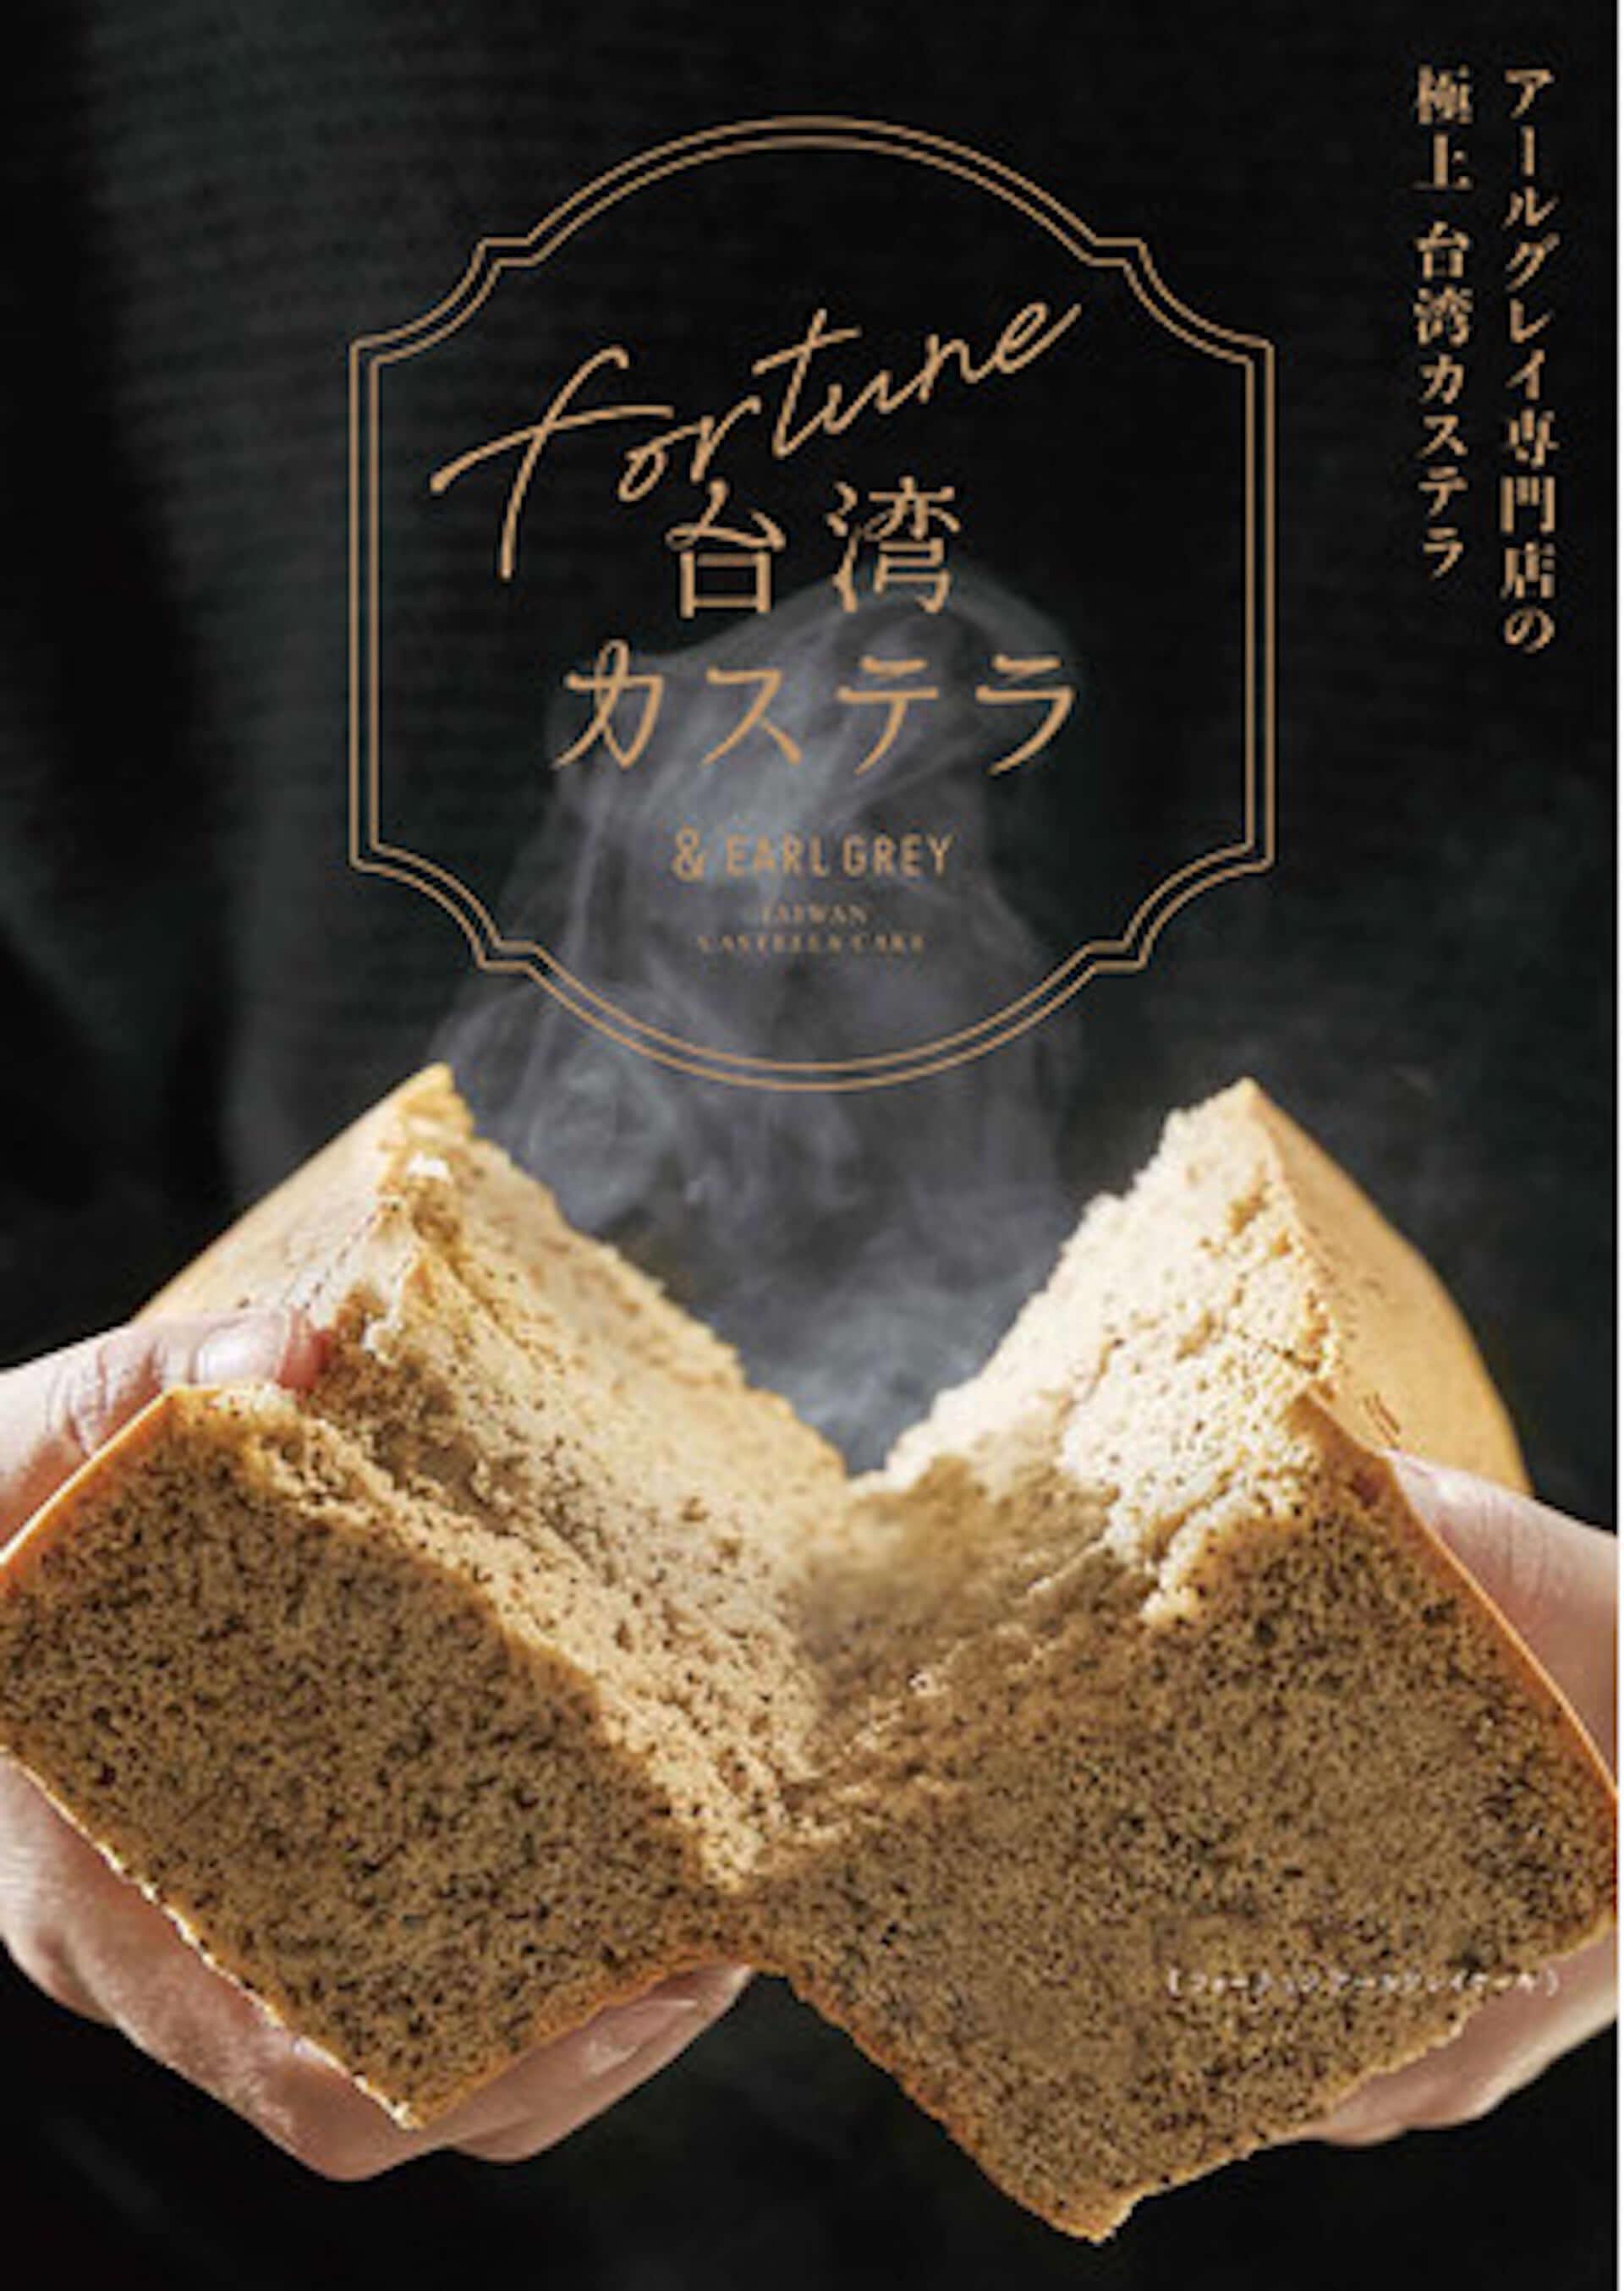 日本初のアールグレイ専門店「&EARL GREY」神戸本店が<第6回神戸セレクション>に出店!人気の台湾カステラを期間限定販売 gourmet210315_and-earlgrey_1-1920x2708